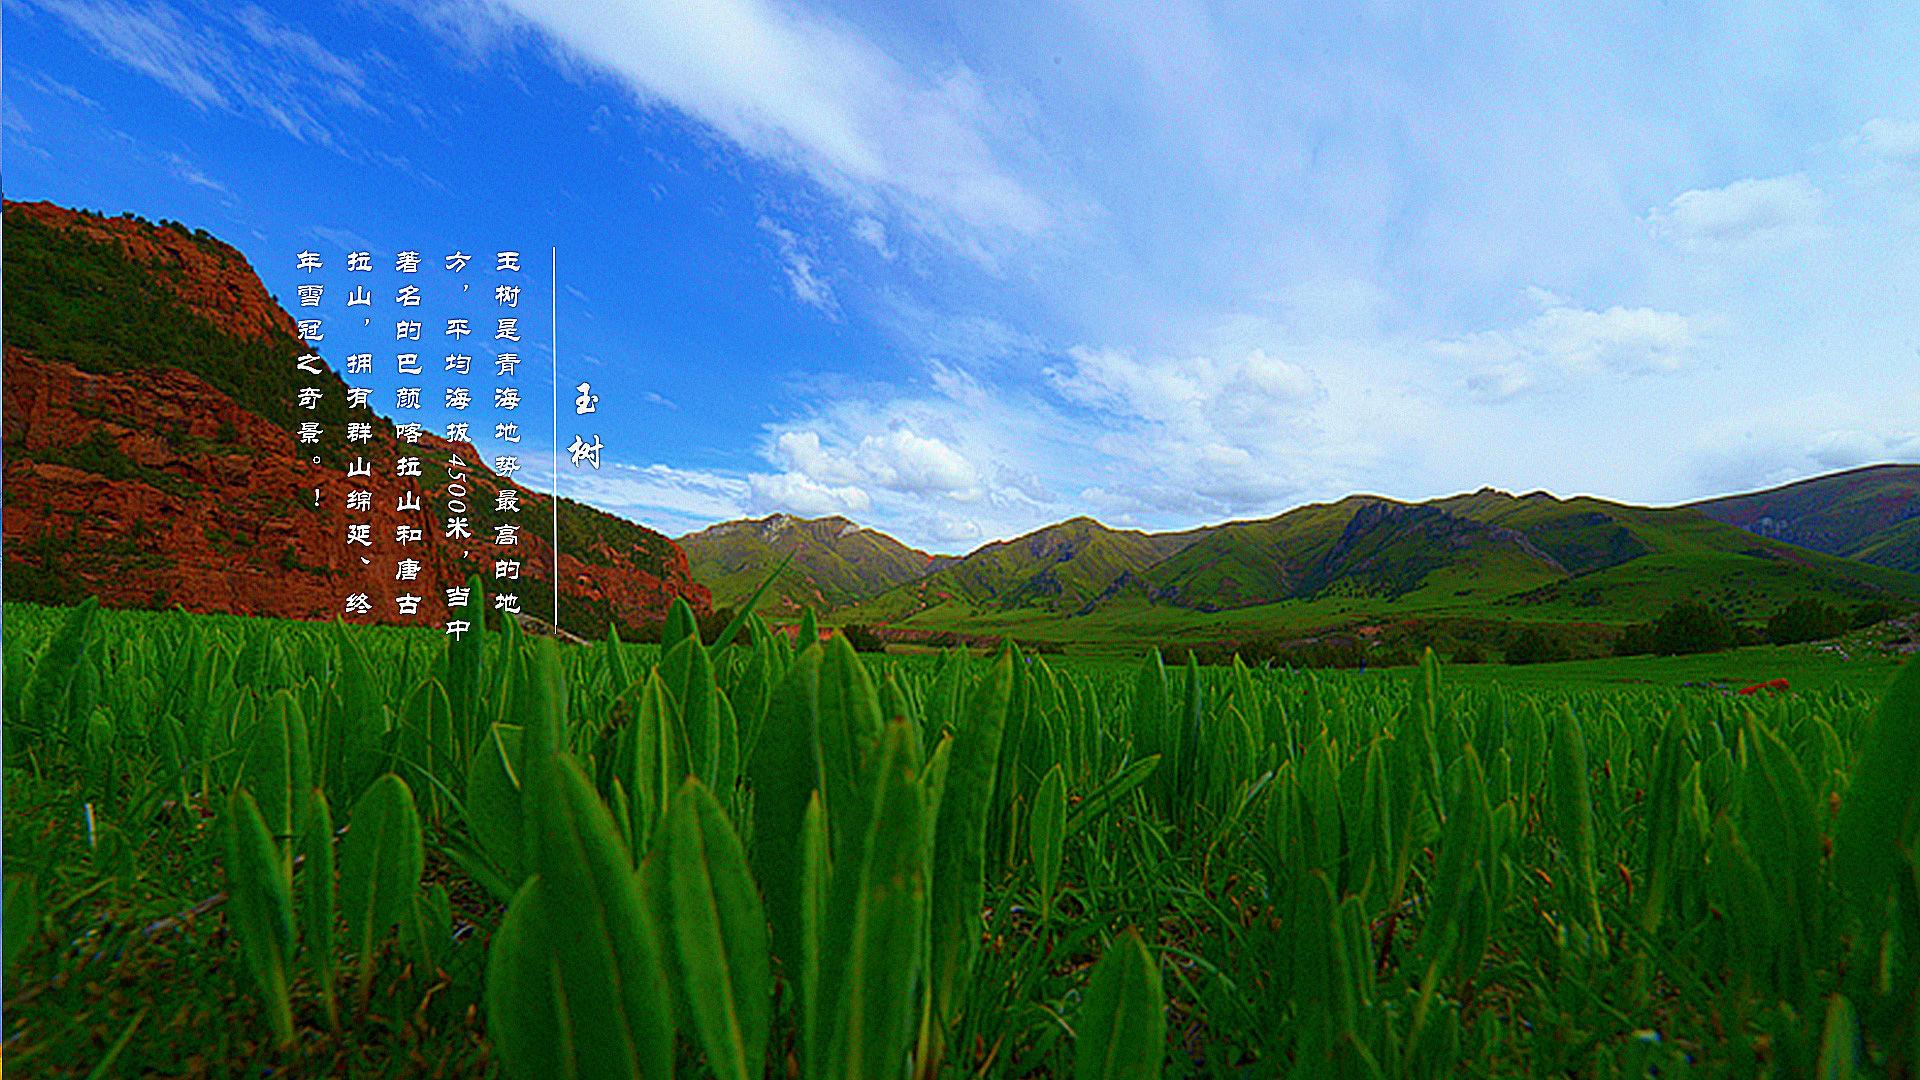 青藏高原歌谱 青藏高原地形 青藏高原地形